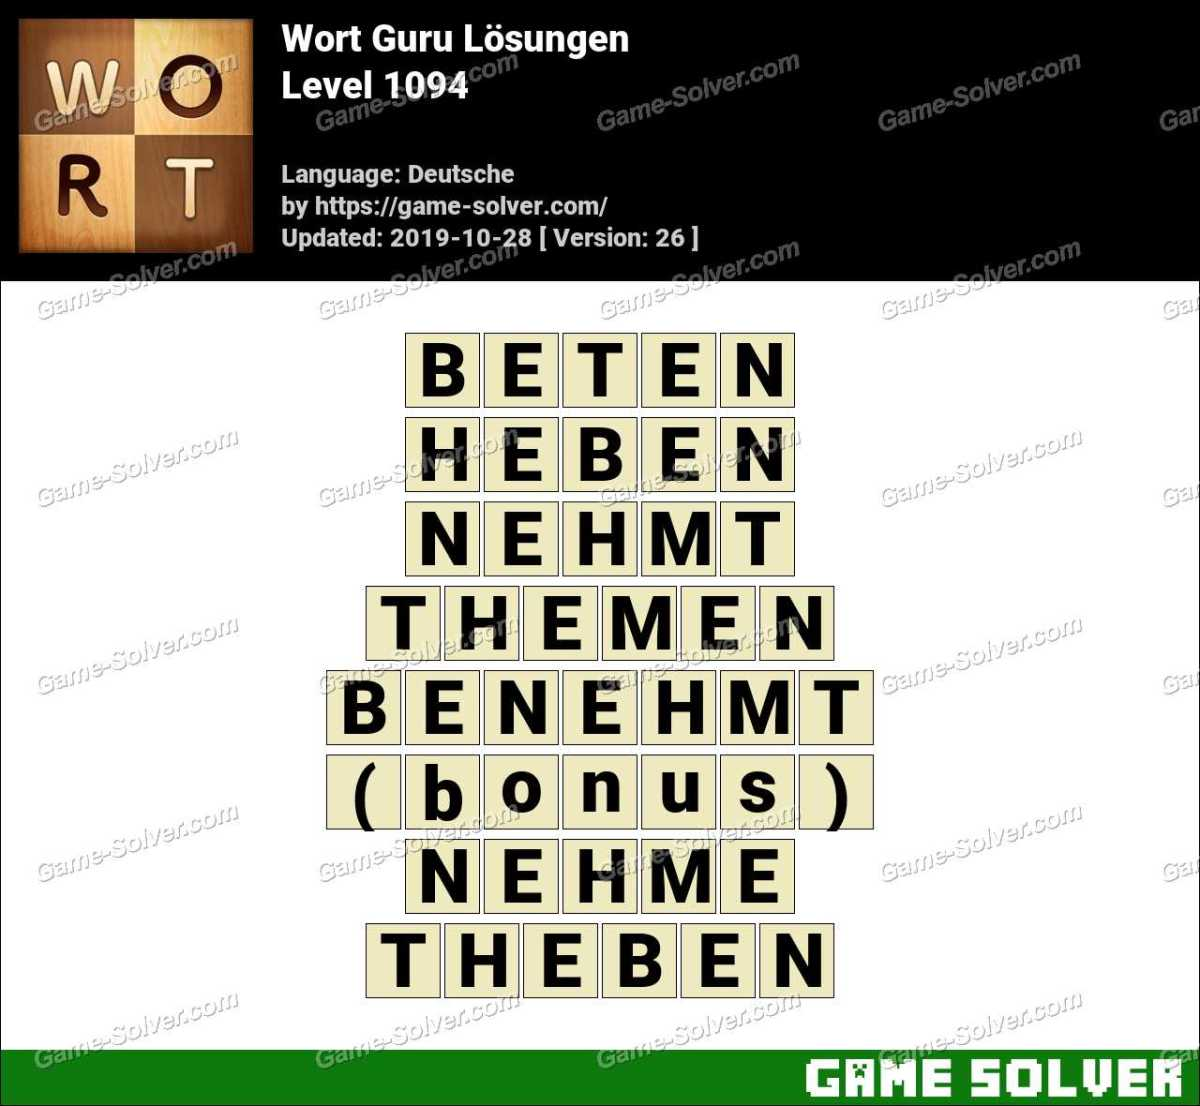 Wort Guru Level 1094 Lösungen